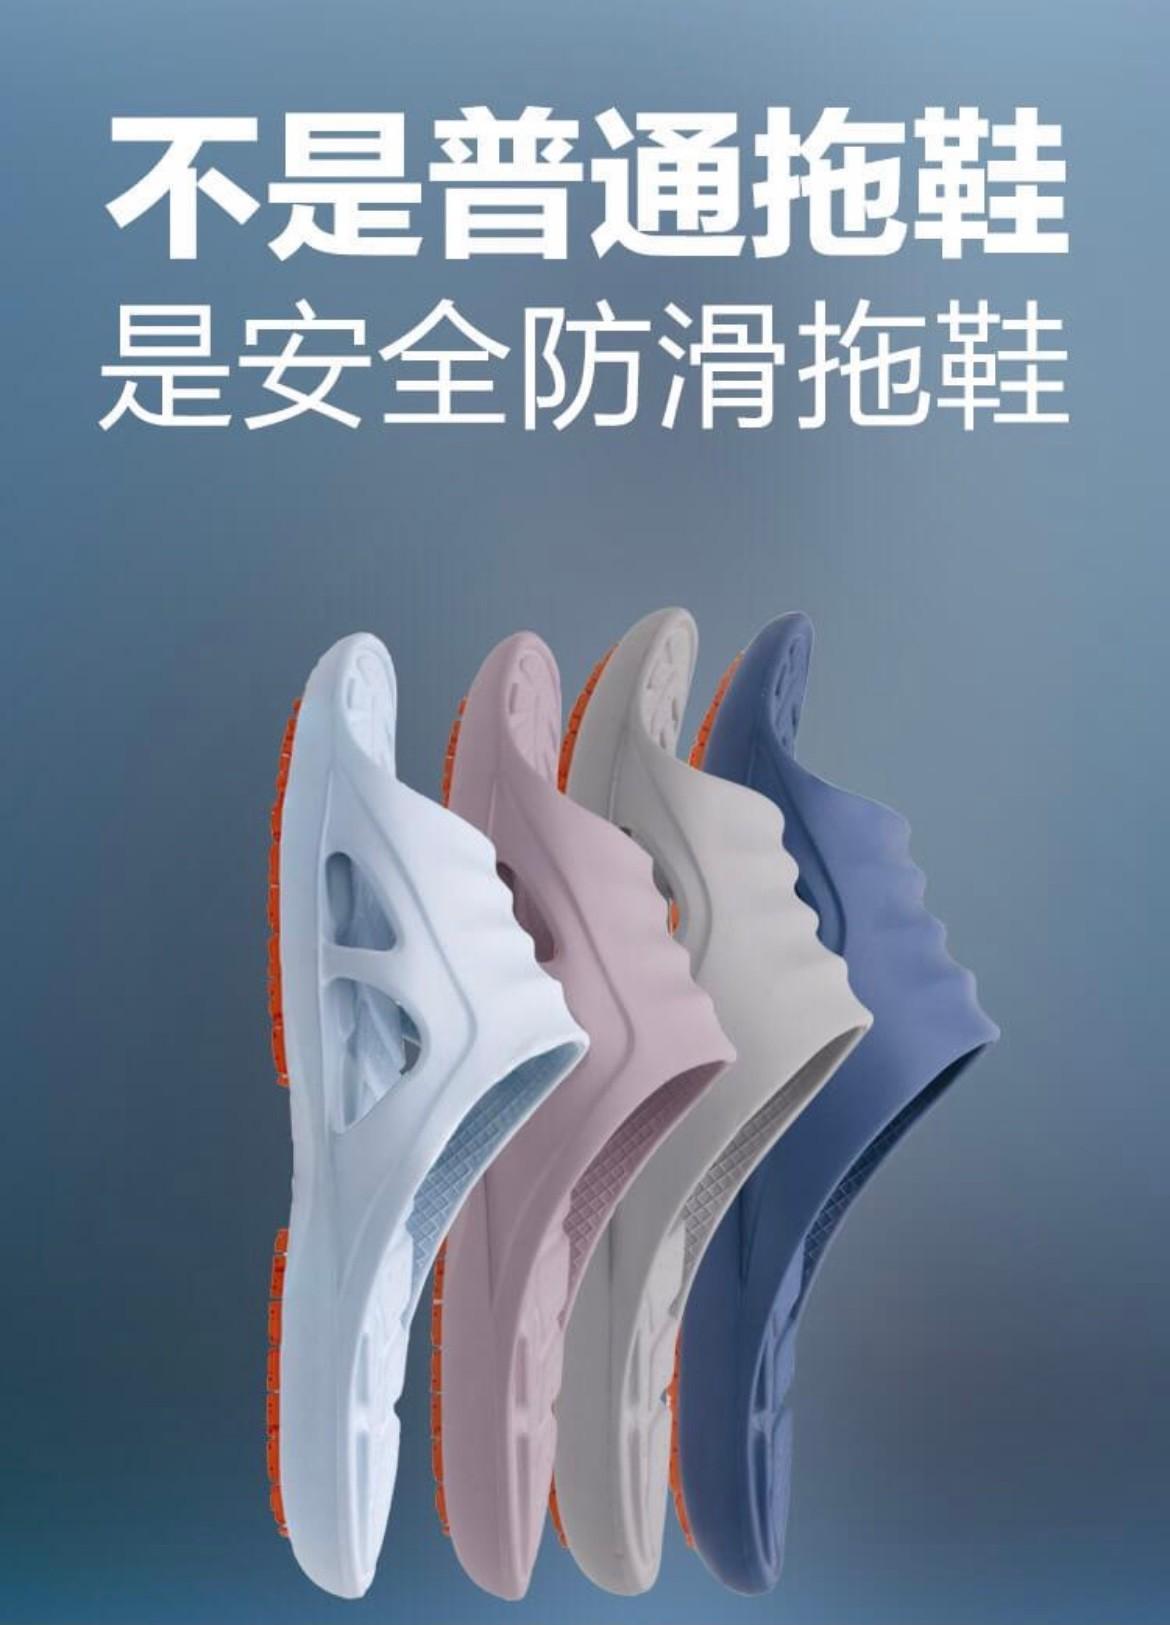 给父母买什么品牌的拖鞋比较好?